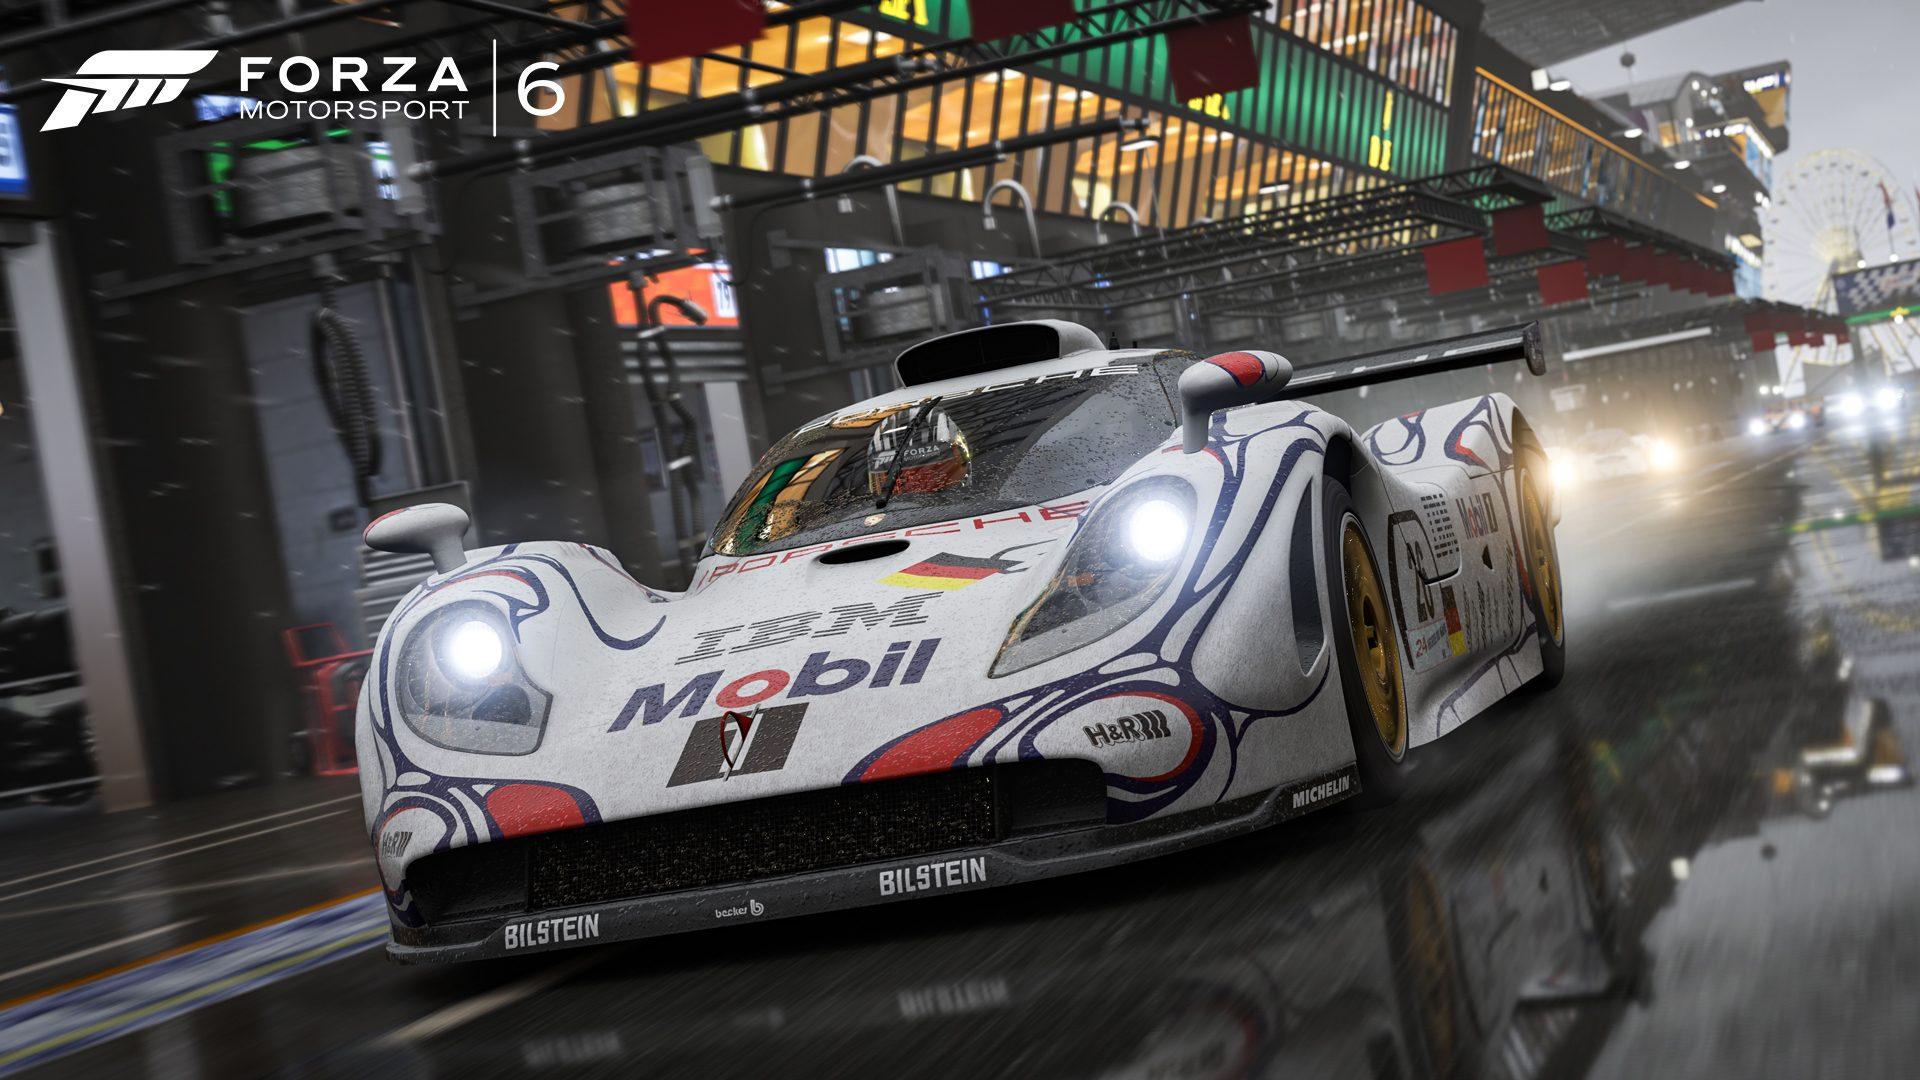 FM6-1998-Porsche-26-Porsche-AG-911-GT1-98 Cozy Prix D'une Porsche 911 Gt1 Cars Trend